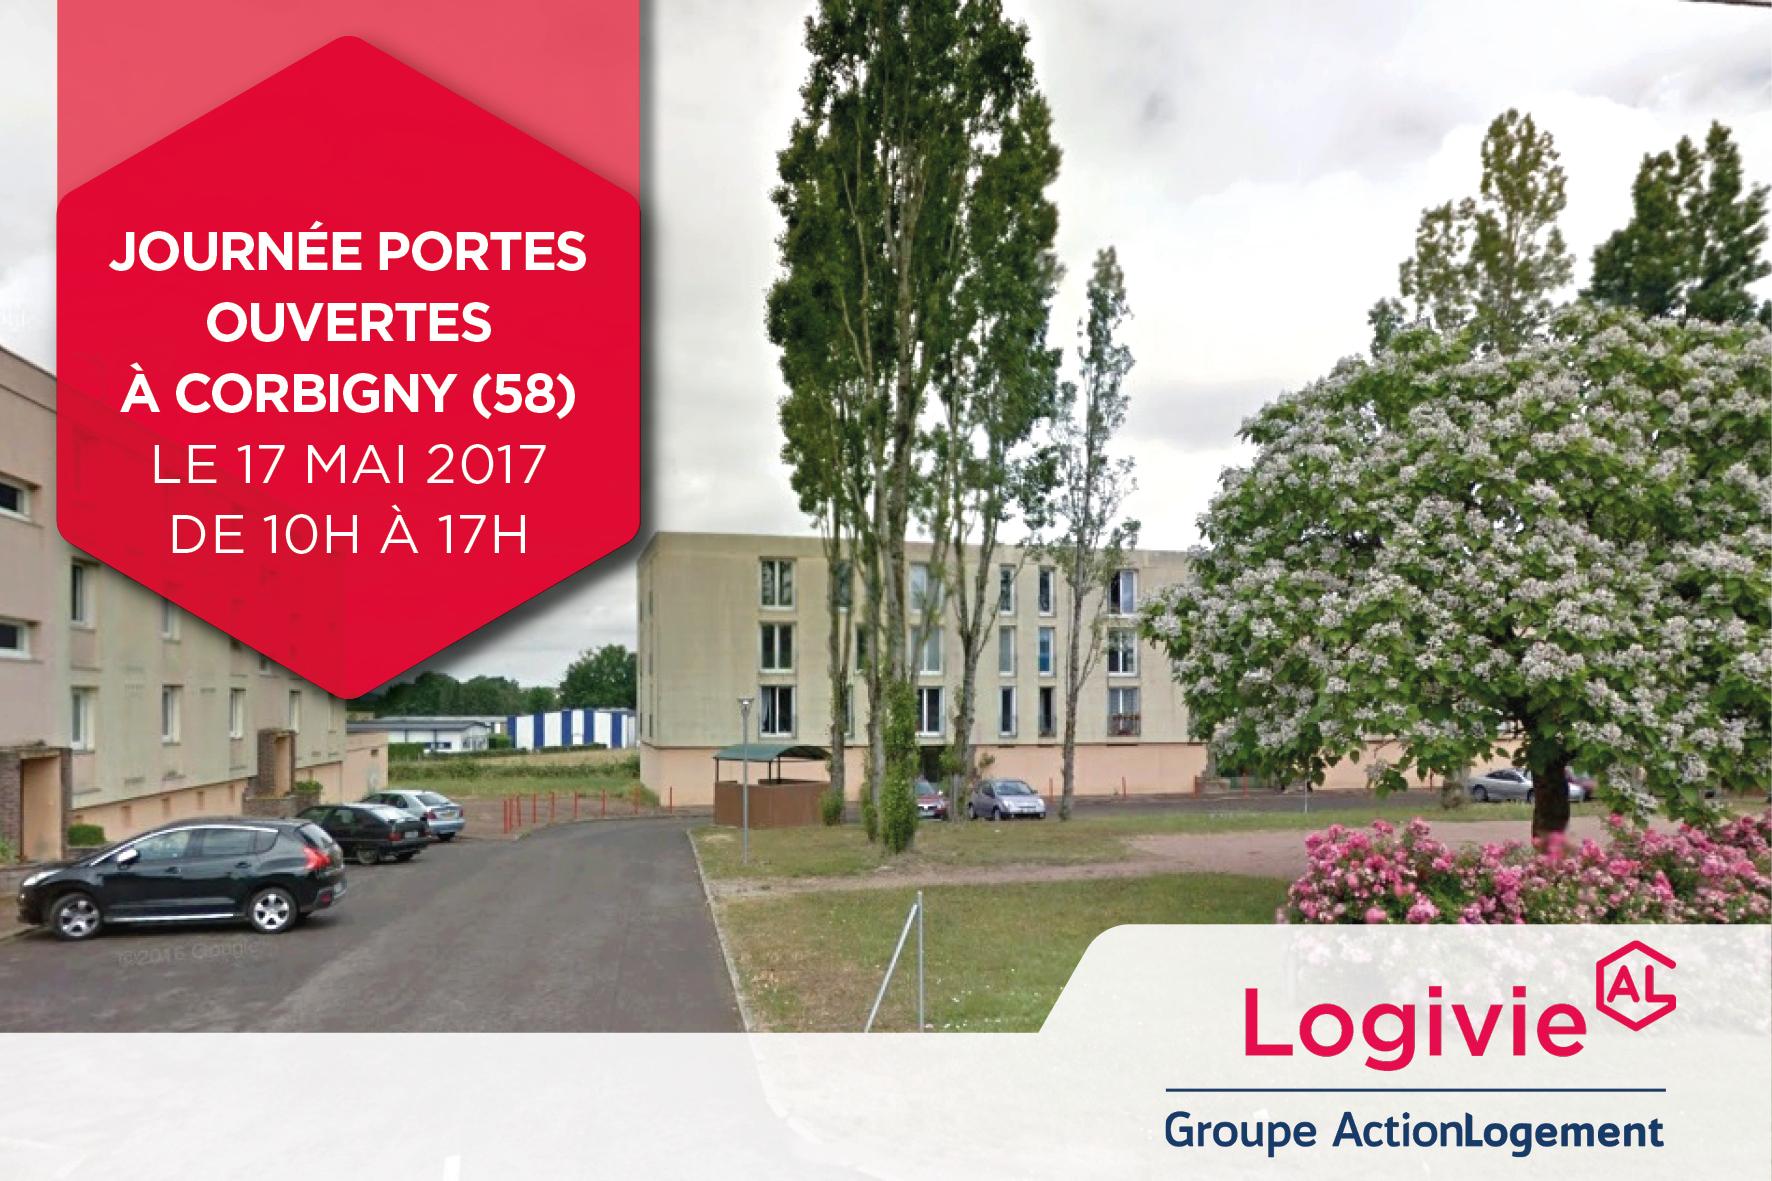 Journée Portes Ouvertes à Corbigny